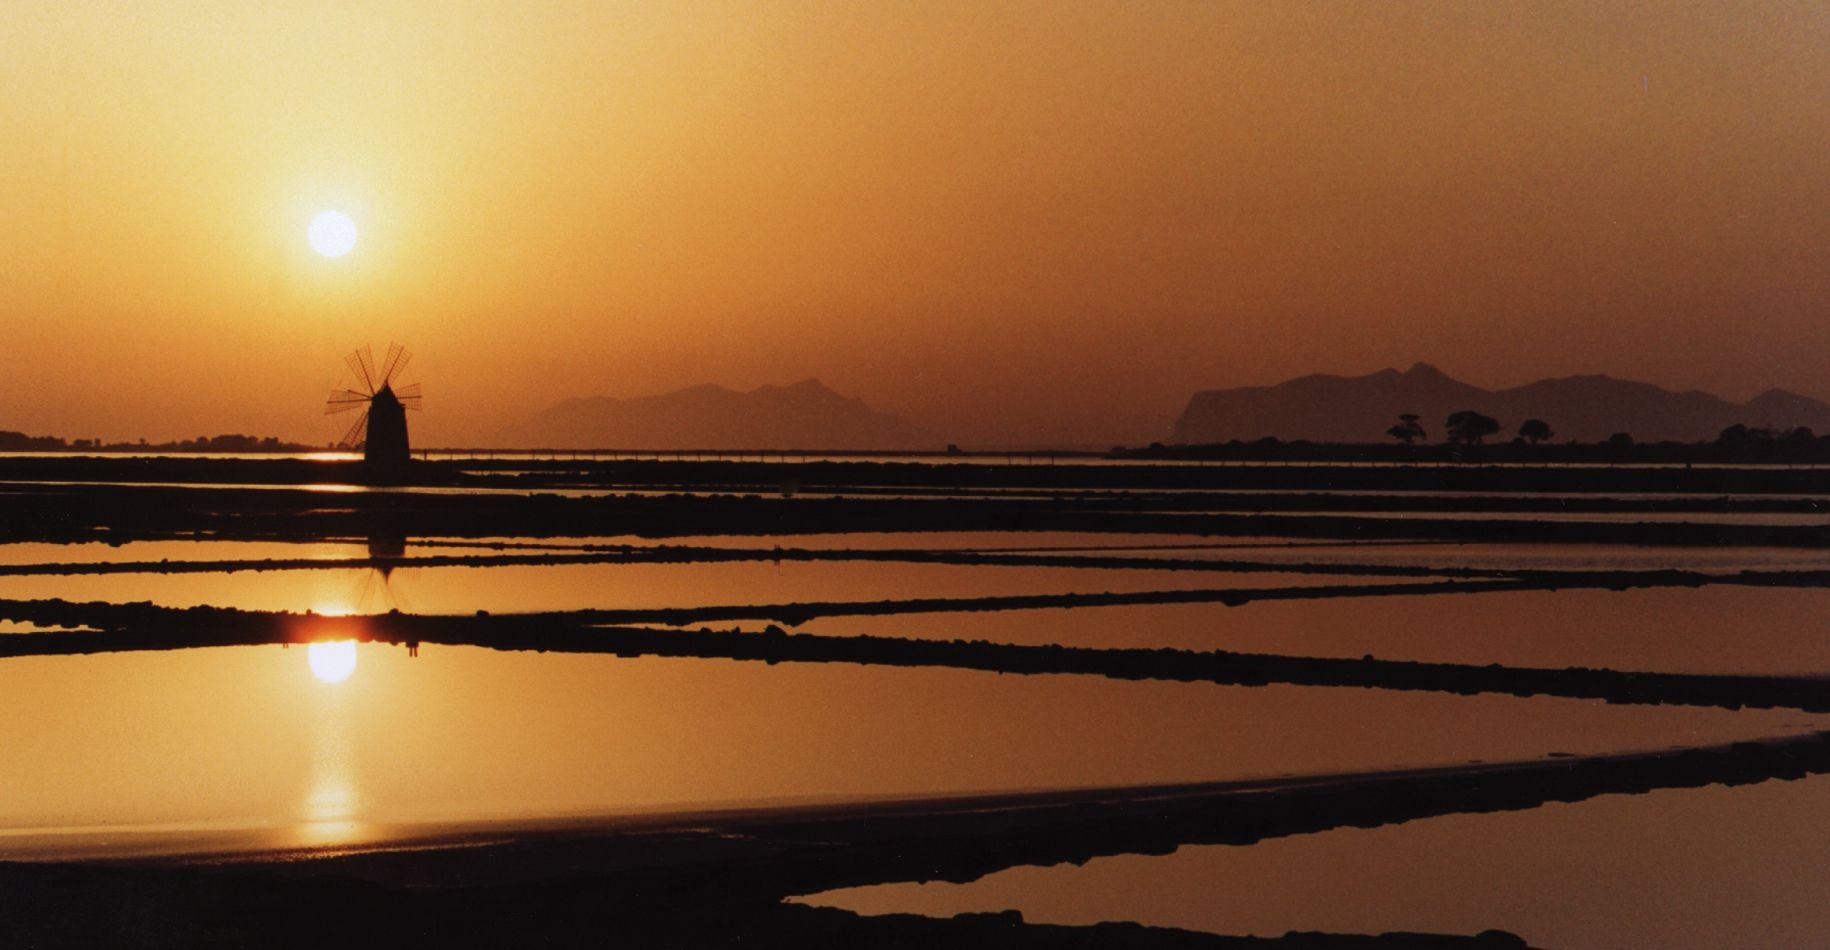 Alagna vini tramonto saline